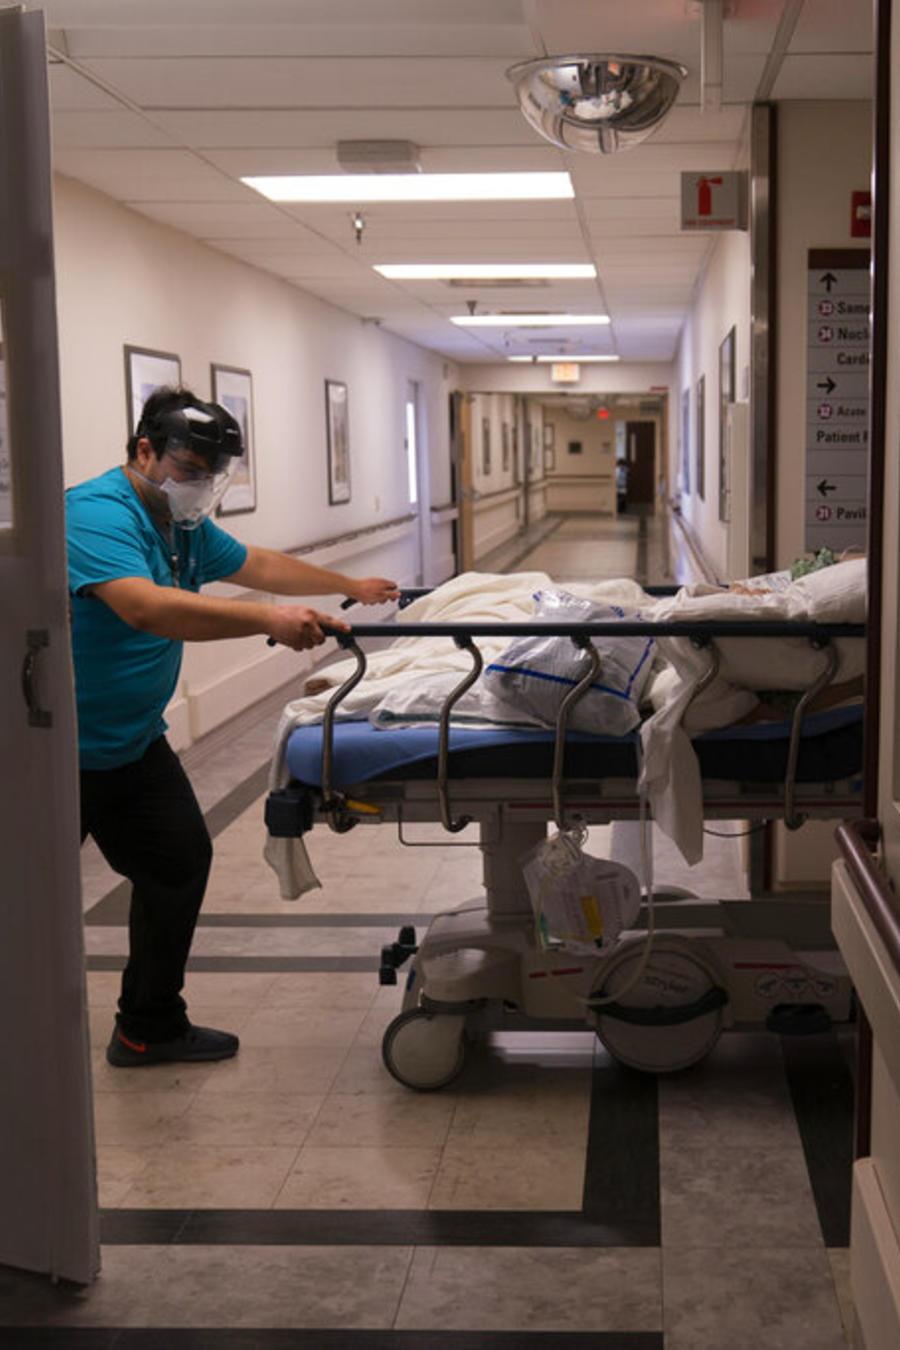 El camillero Adrián Parrilla traslada a un paciente con COVID-19 en el Mission Hospital en Viejo, California